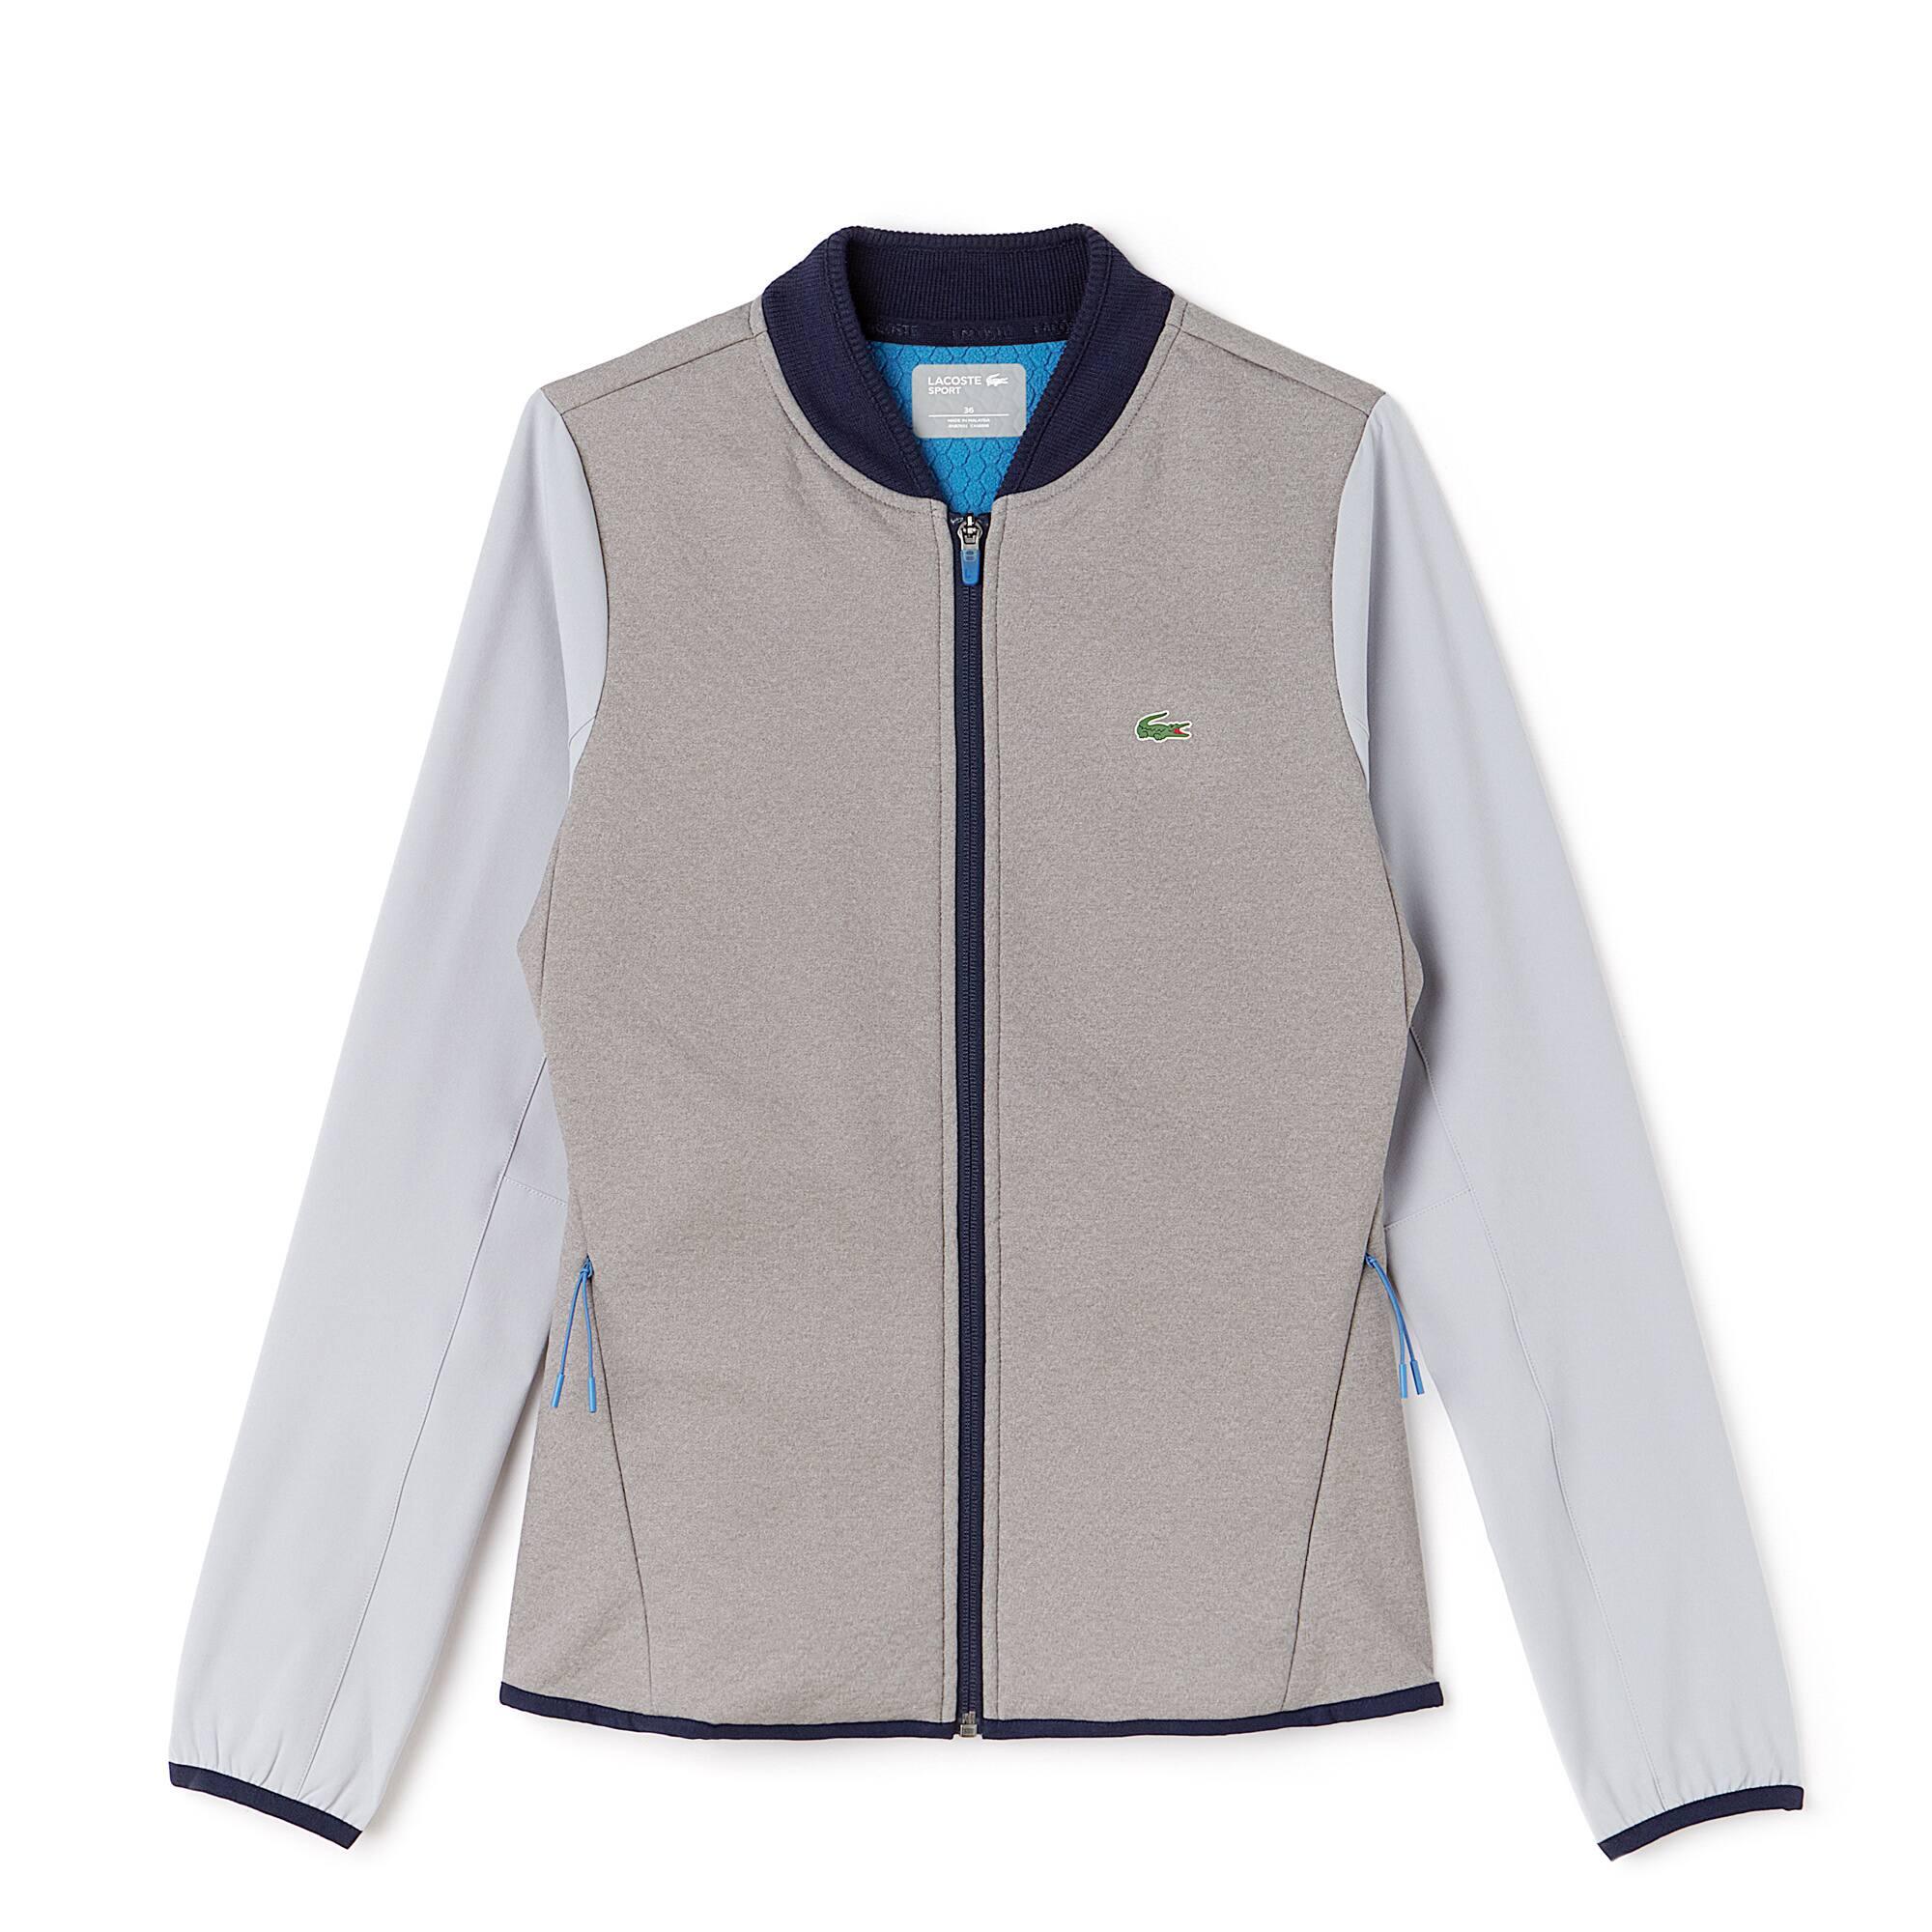 Sweatshirt com fecho de correr Golf Lacoste SPORT em camada intermédia técnica impermeável